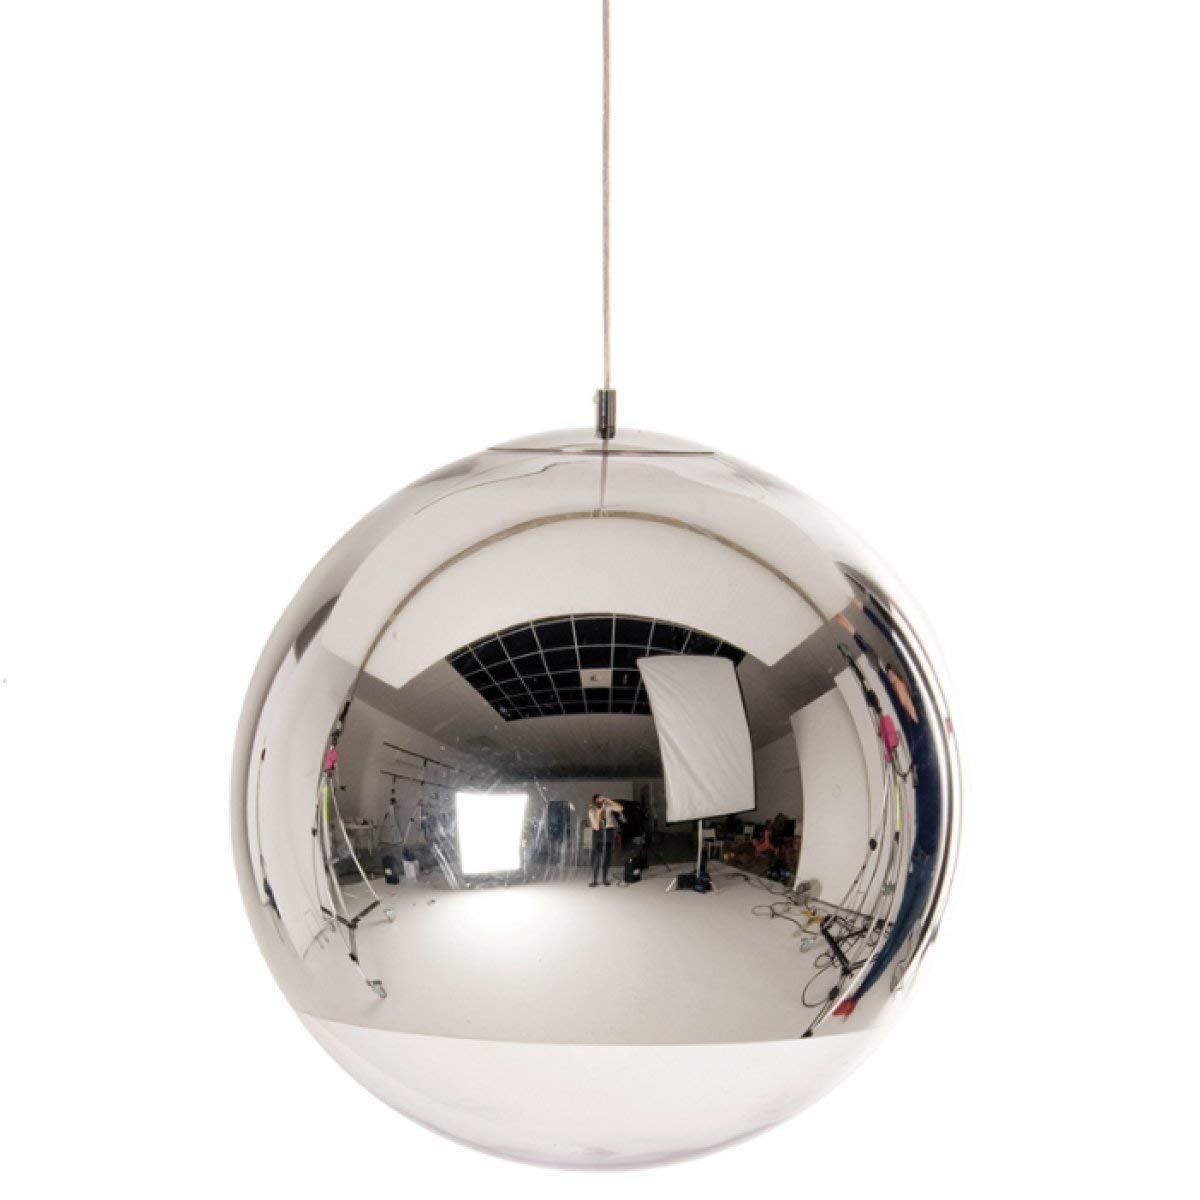 Eeayyygch Kupfer Glas Spiegel Decke Kronleuchter Lichter Kithen Esszimmer Insel Pendelleuchte Für Wohnzimmer Schlafzimmer Arbeitszimmer, 20 cm (Farbe   40Cm)